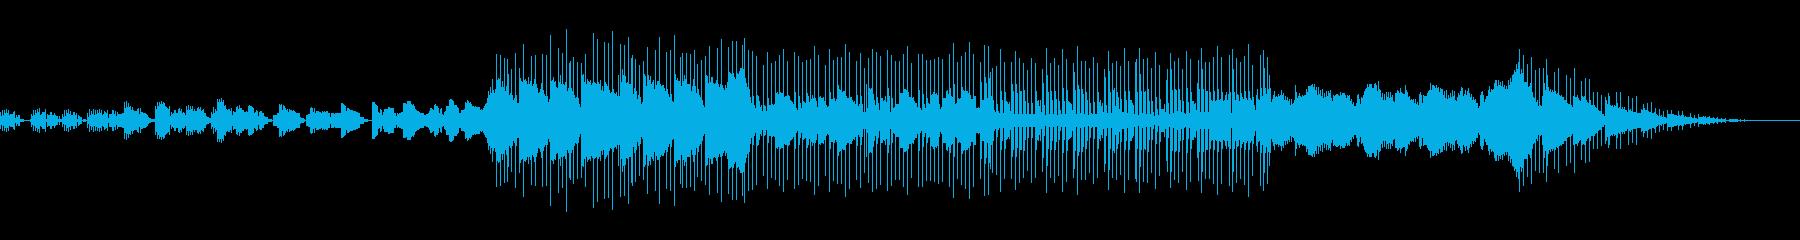 切なくしっとり優しいピコピコBGMの再生済みの波形